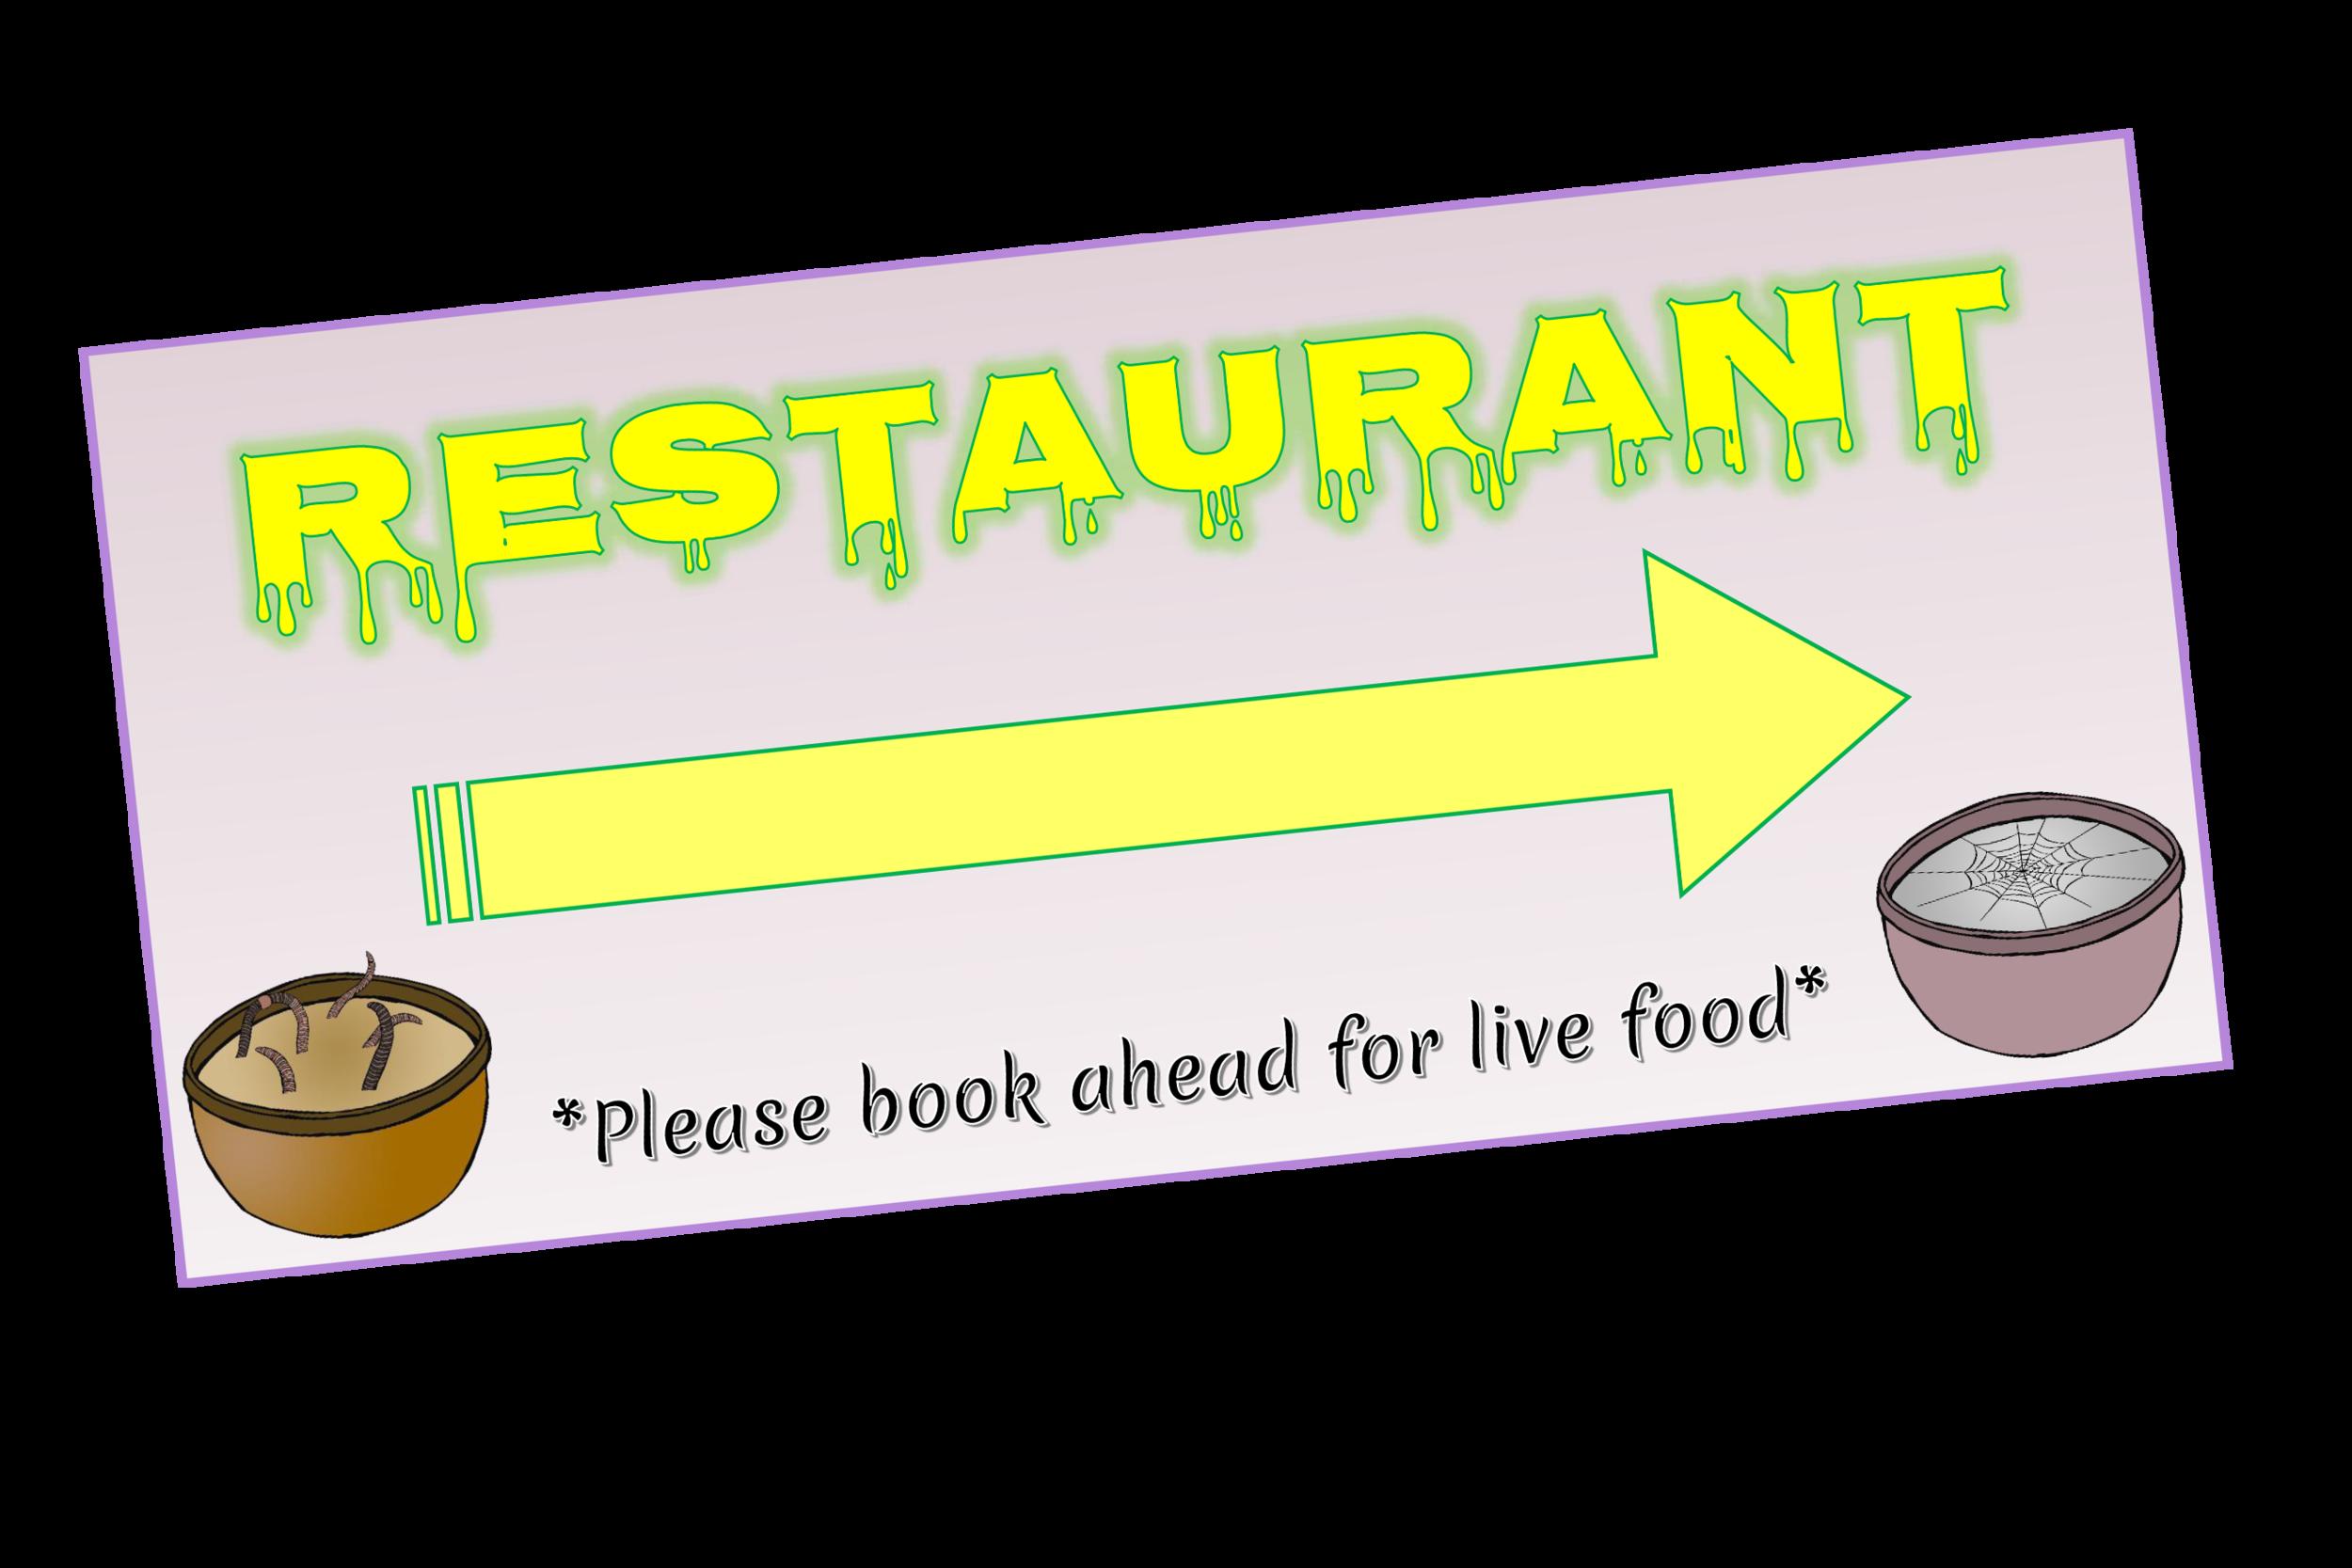 SPOOKY HALLOWEEN HOTEL RESTAURANT SIGN